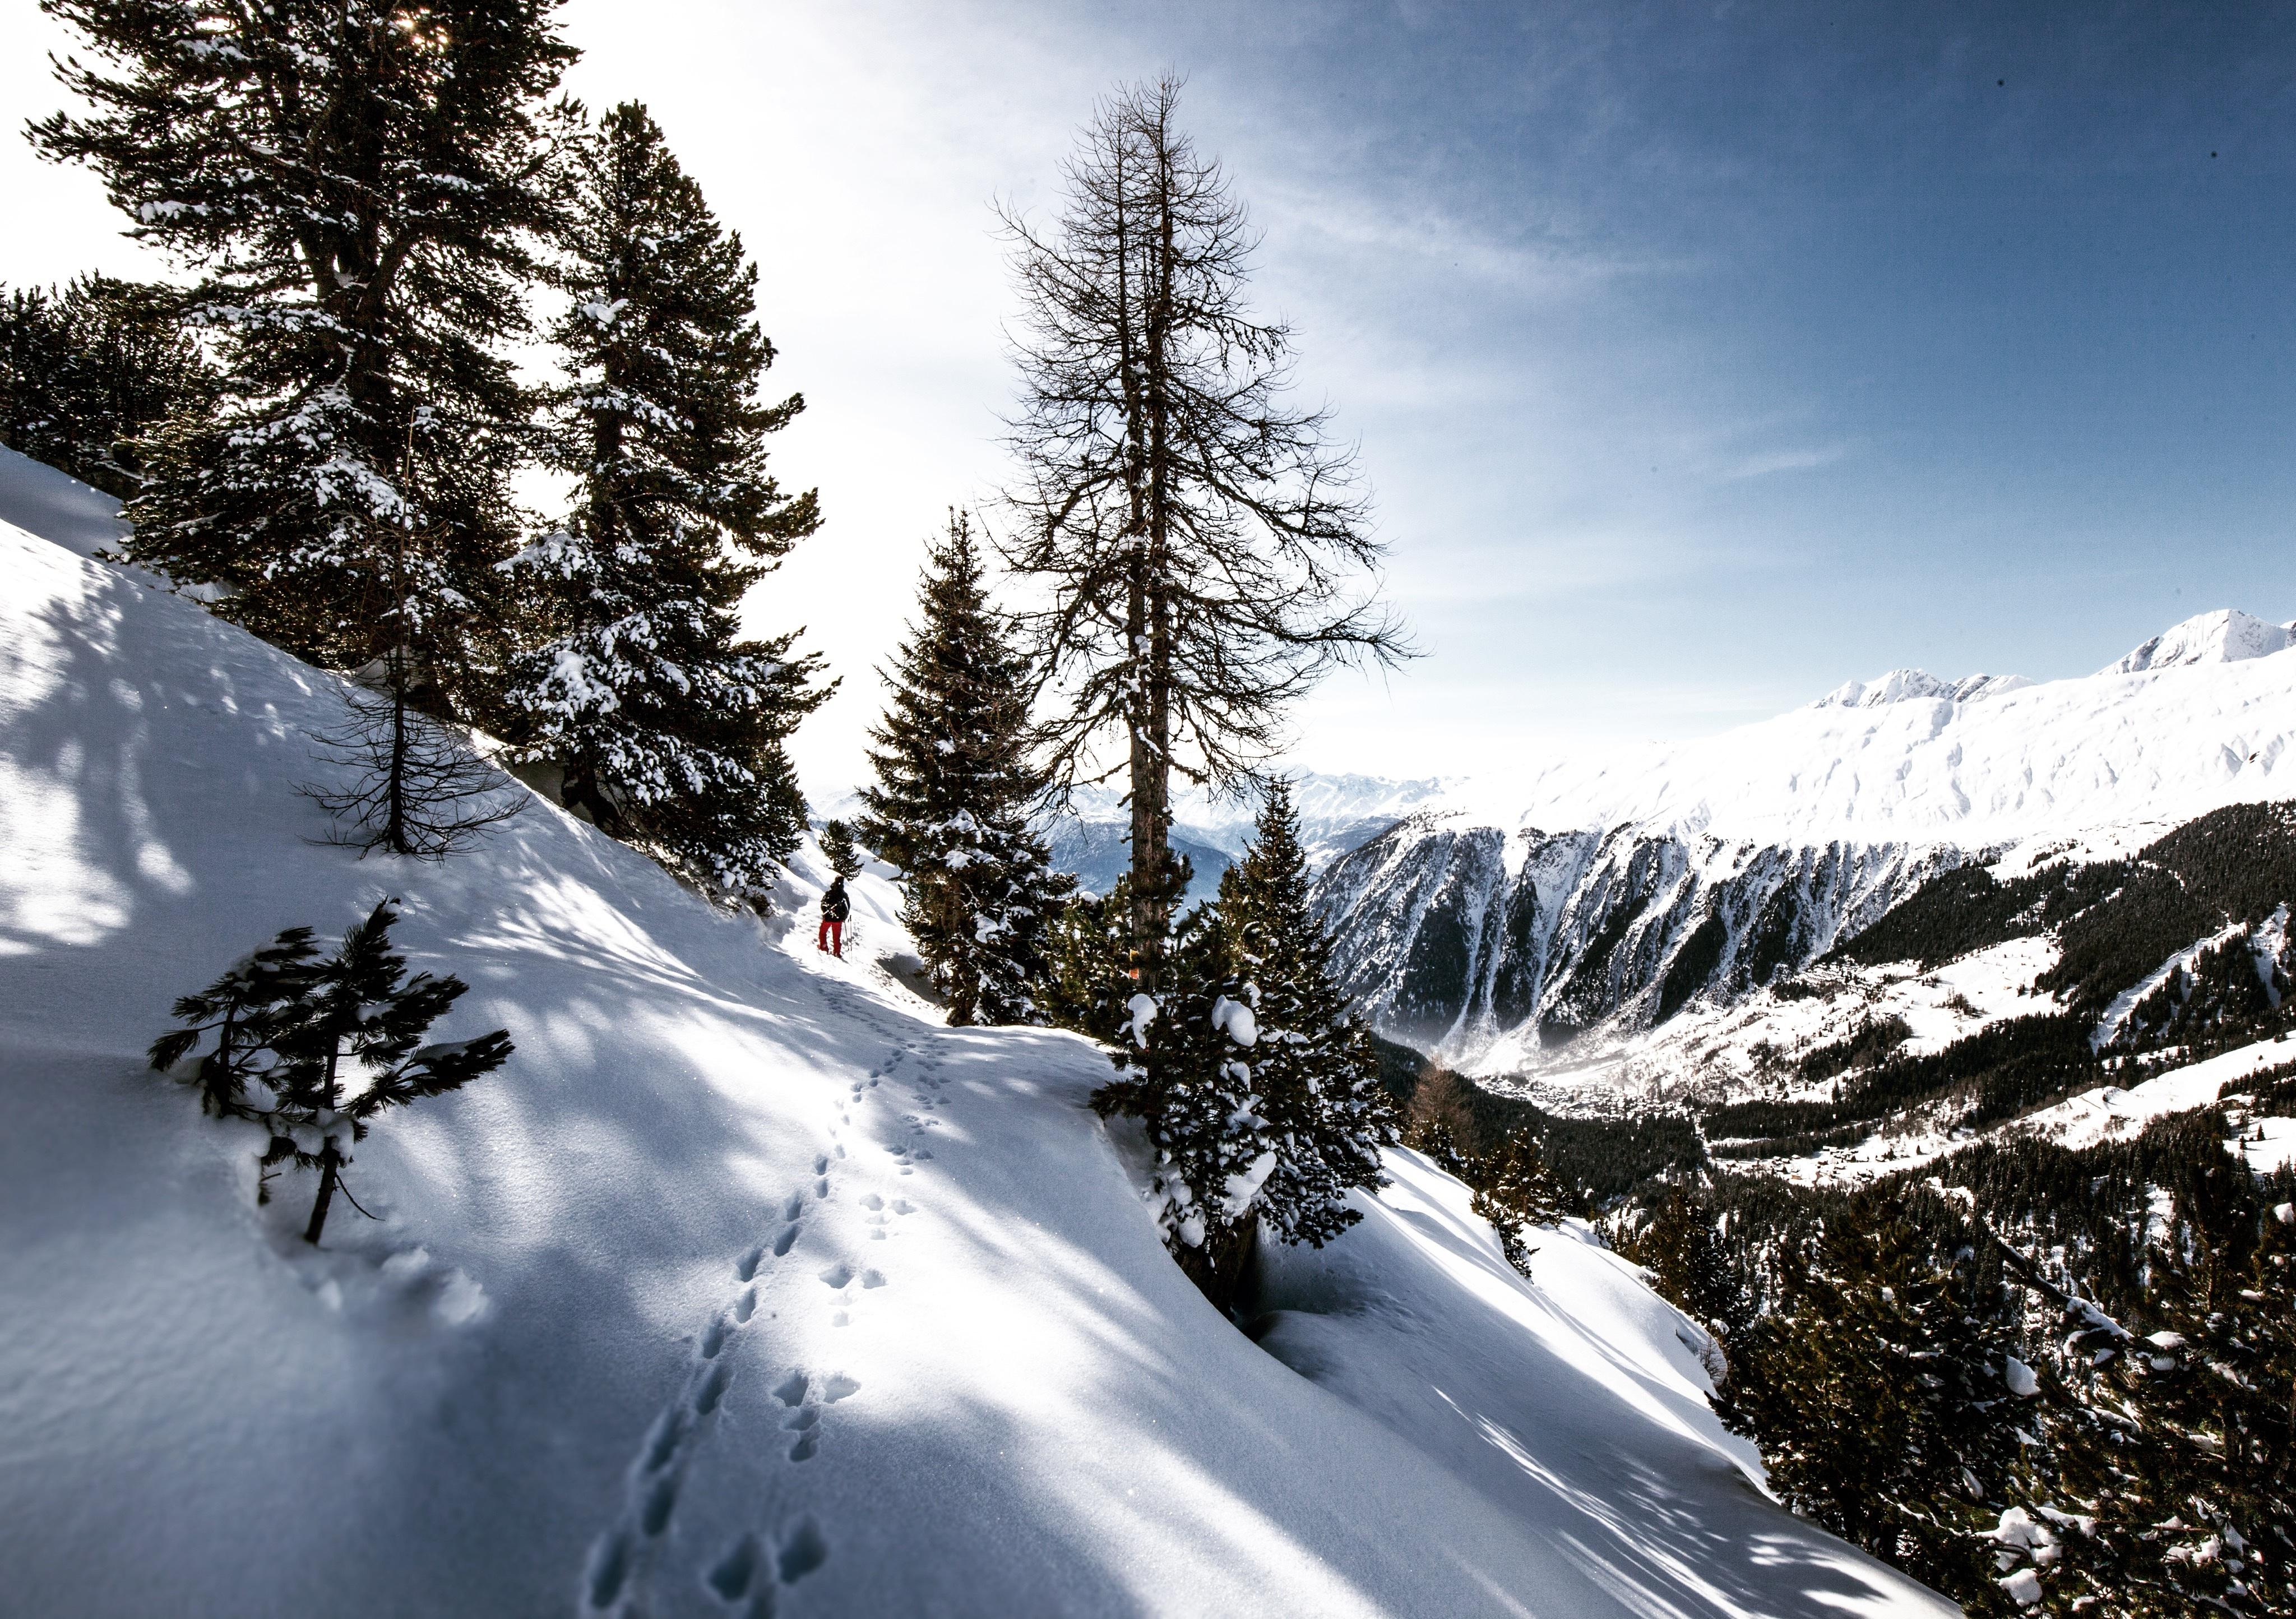 какой мужчина как фотографировать горы зимой постоянно смотрела телепередачу